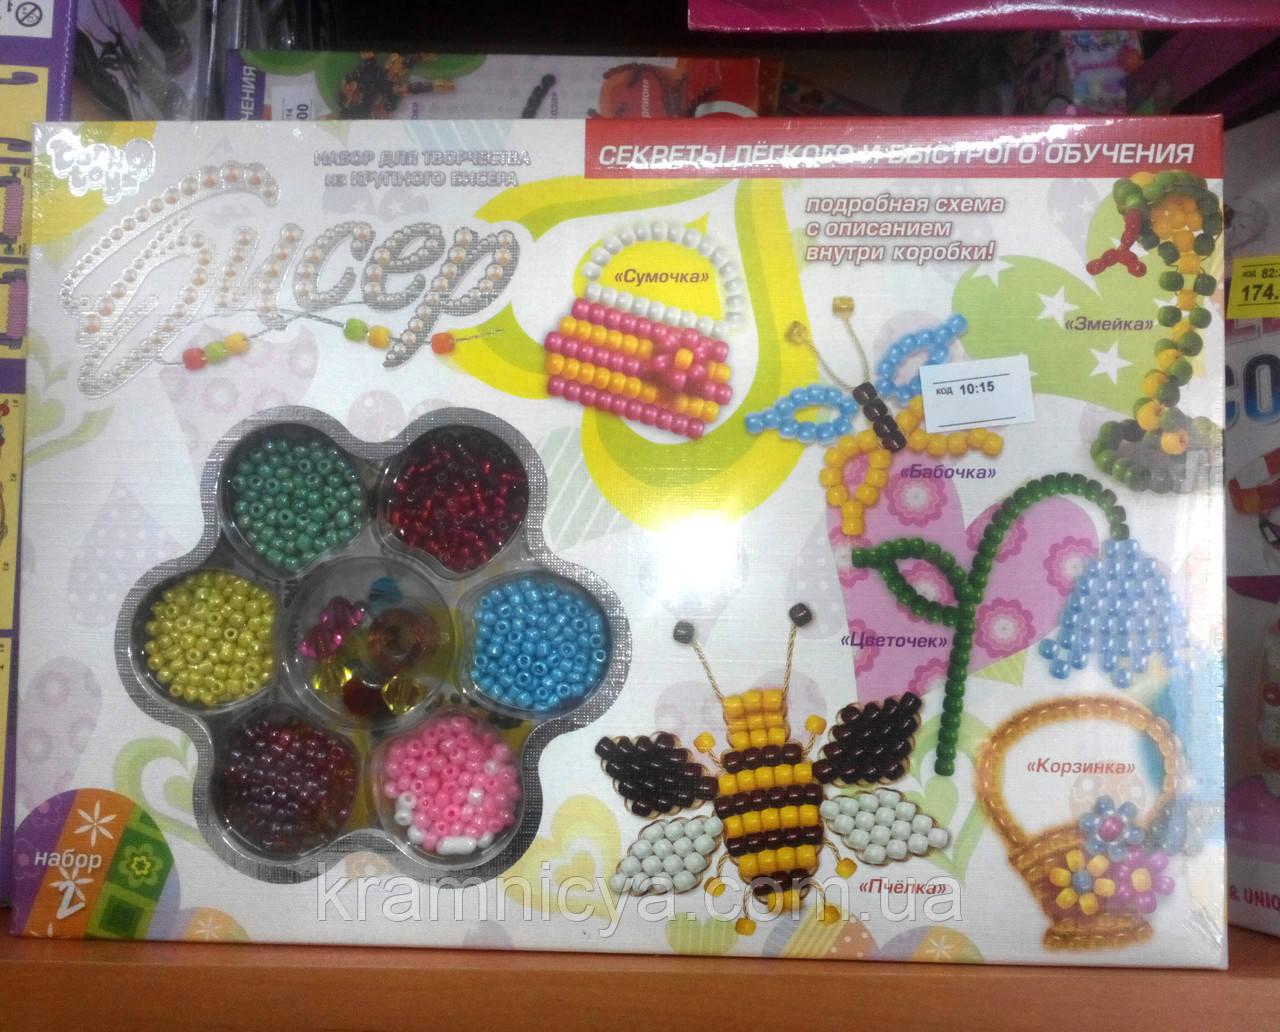 """Набір для плетіння з бісеру """"Бджілка"""" (6 схем), Б6-2, ТМ Danko Тоуѕ"""